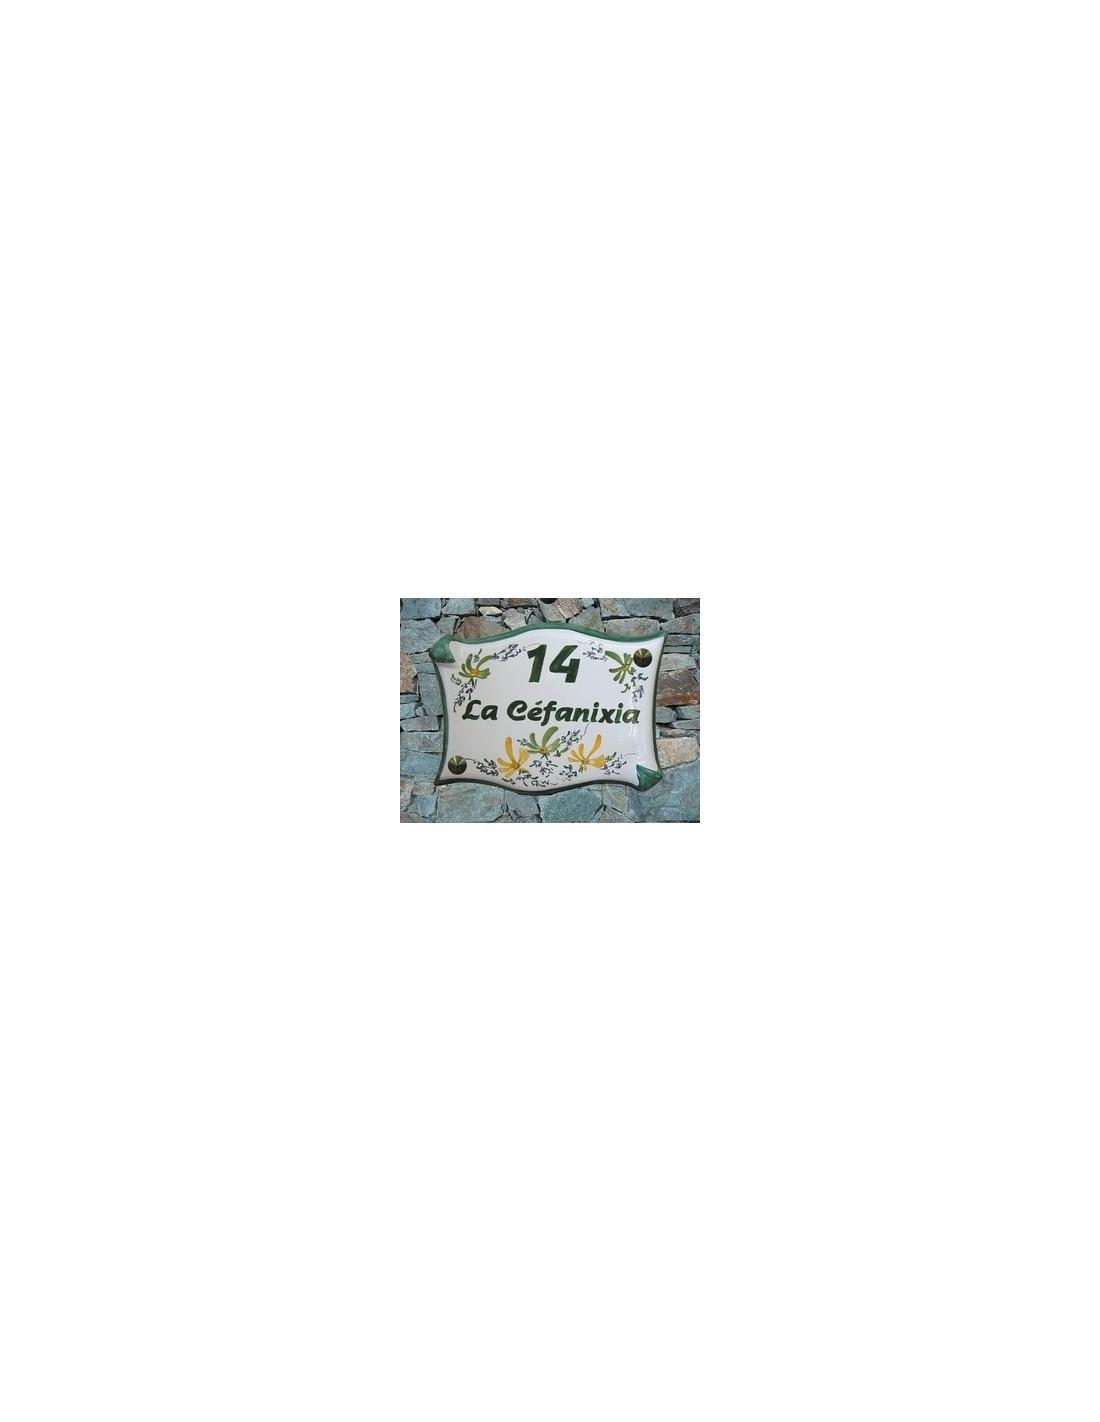 plaque de villa ext rieure en faience au motif fleurs vertes et oranges avec num ro et nom. Black Bedroom Furniture Sets. Home Design Ideas